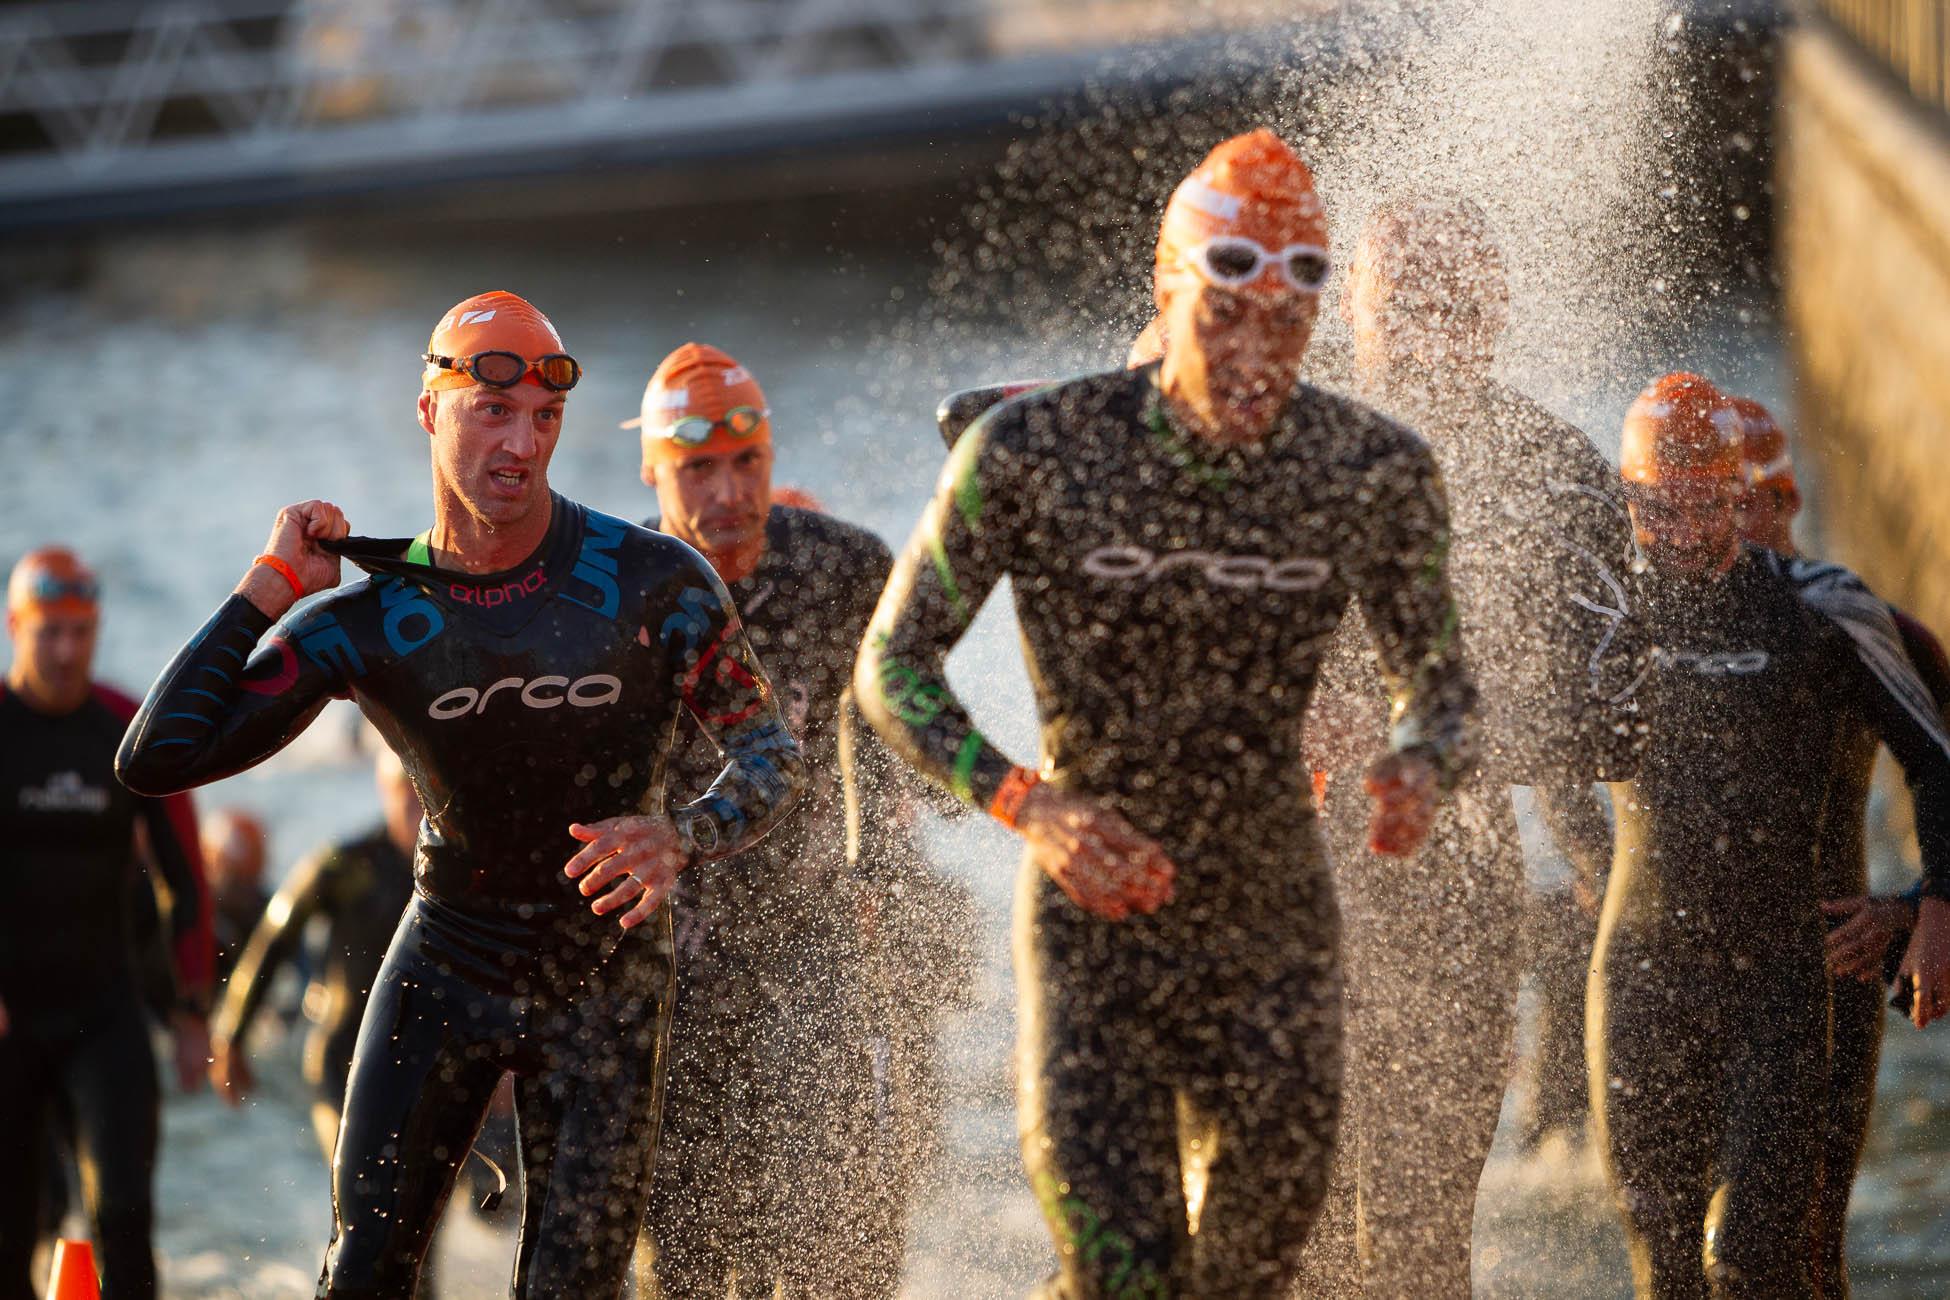 ironman-triatlo-fitness-lifestyle-desporto-atleta-fotografia-010.jpg